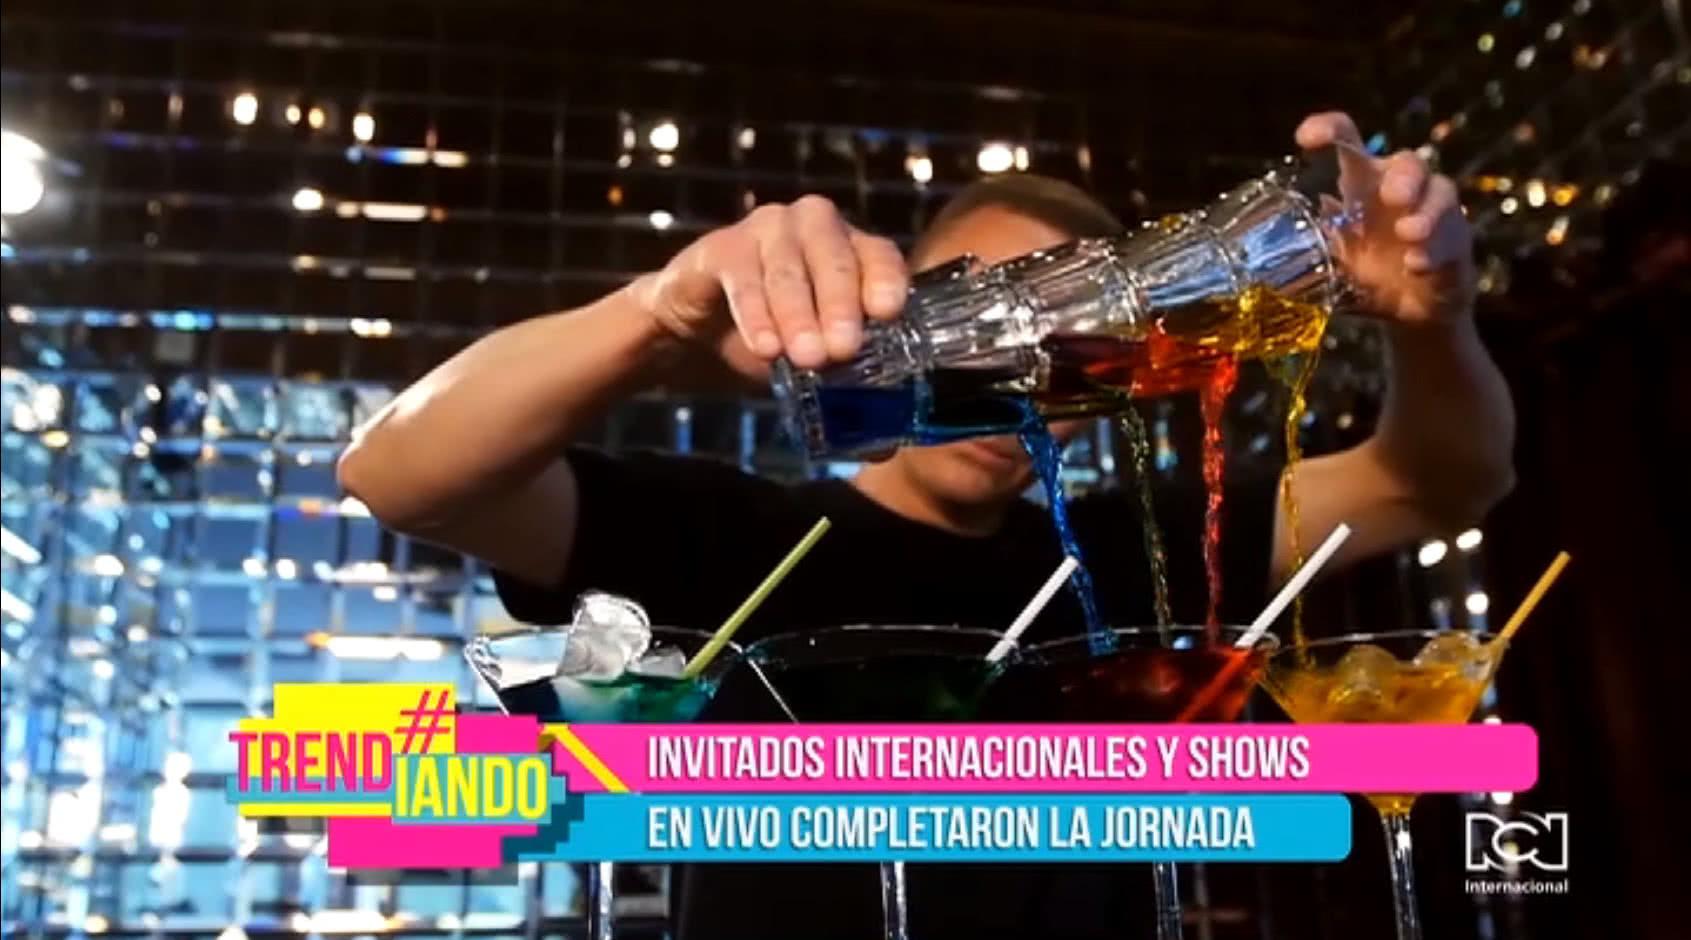 Lo mejor de la industria nocturna se reunió en la Feria Expobar 2019 en Bogotá